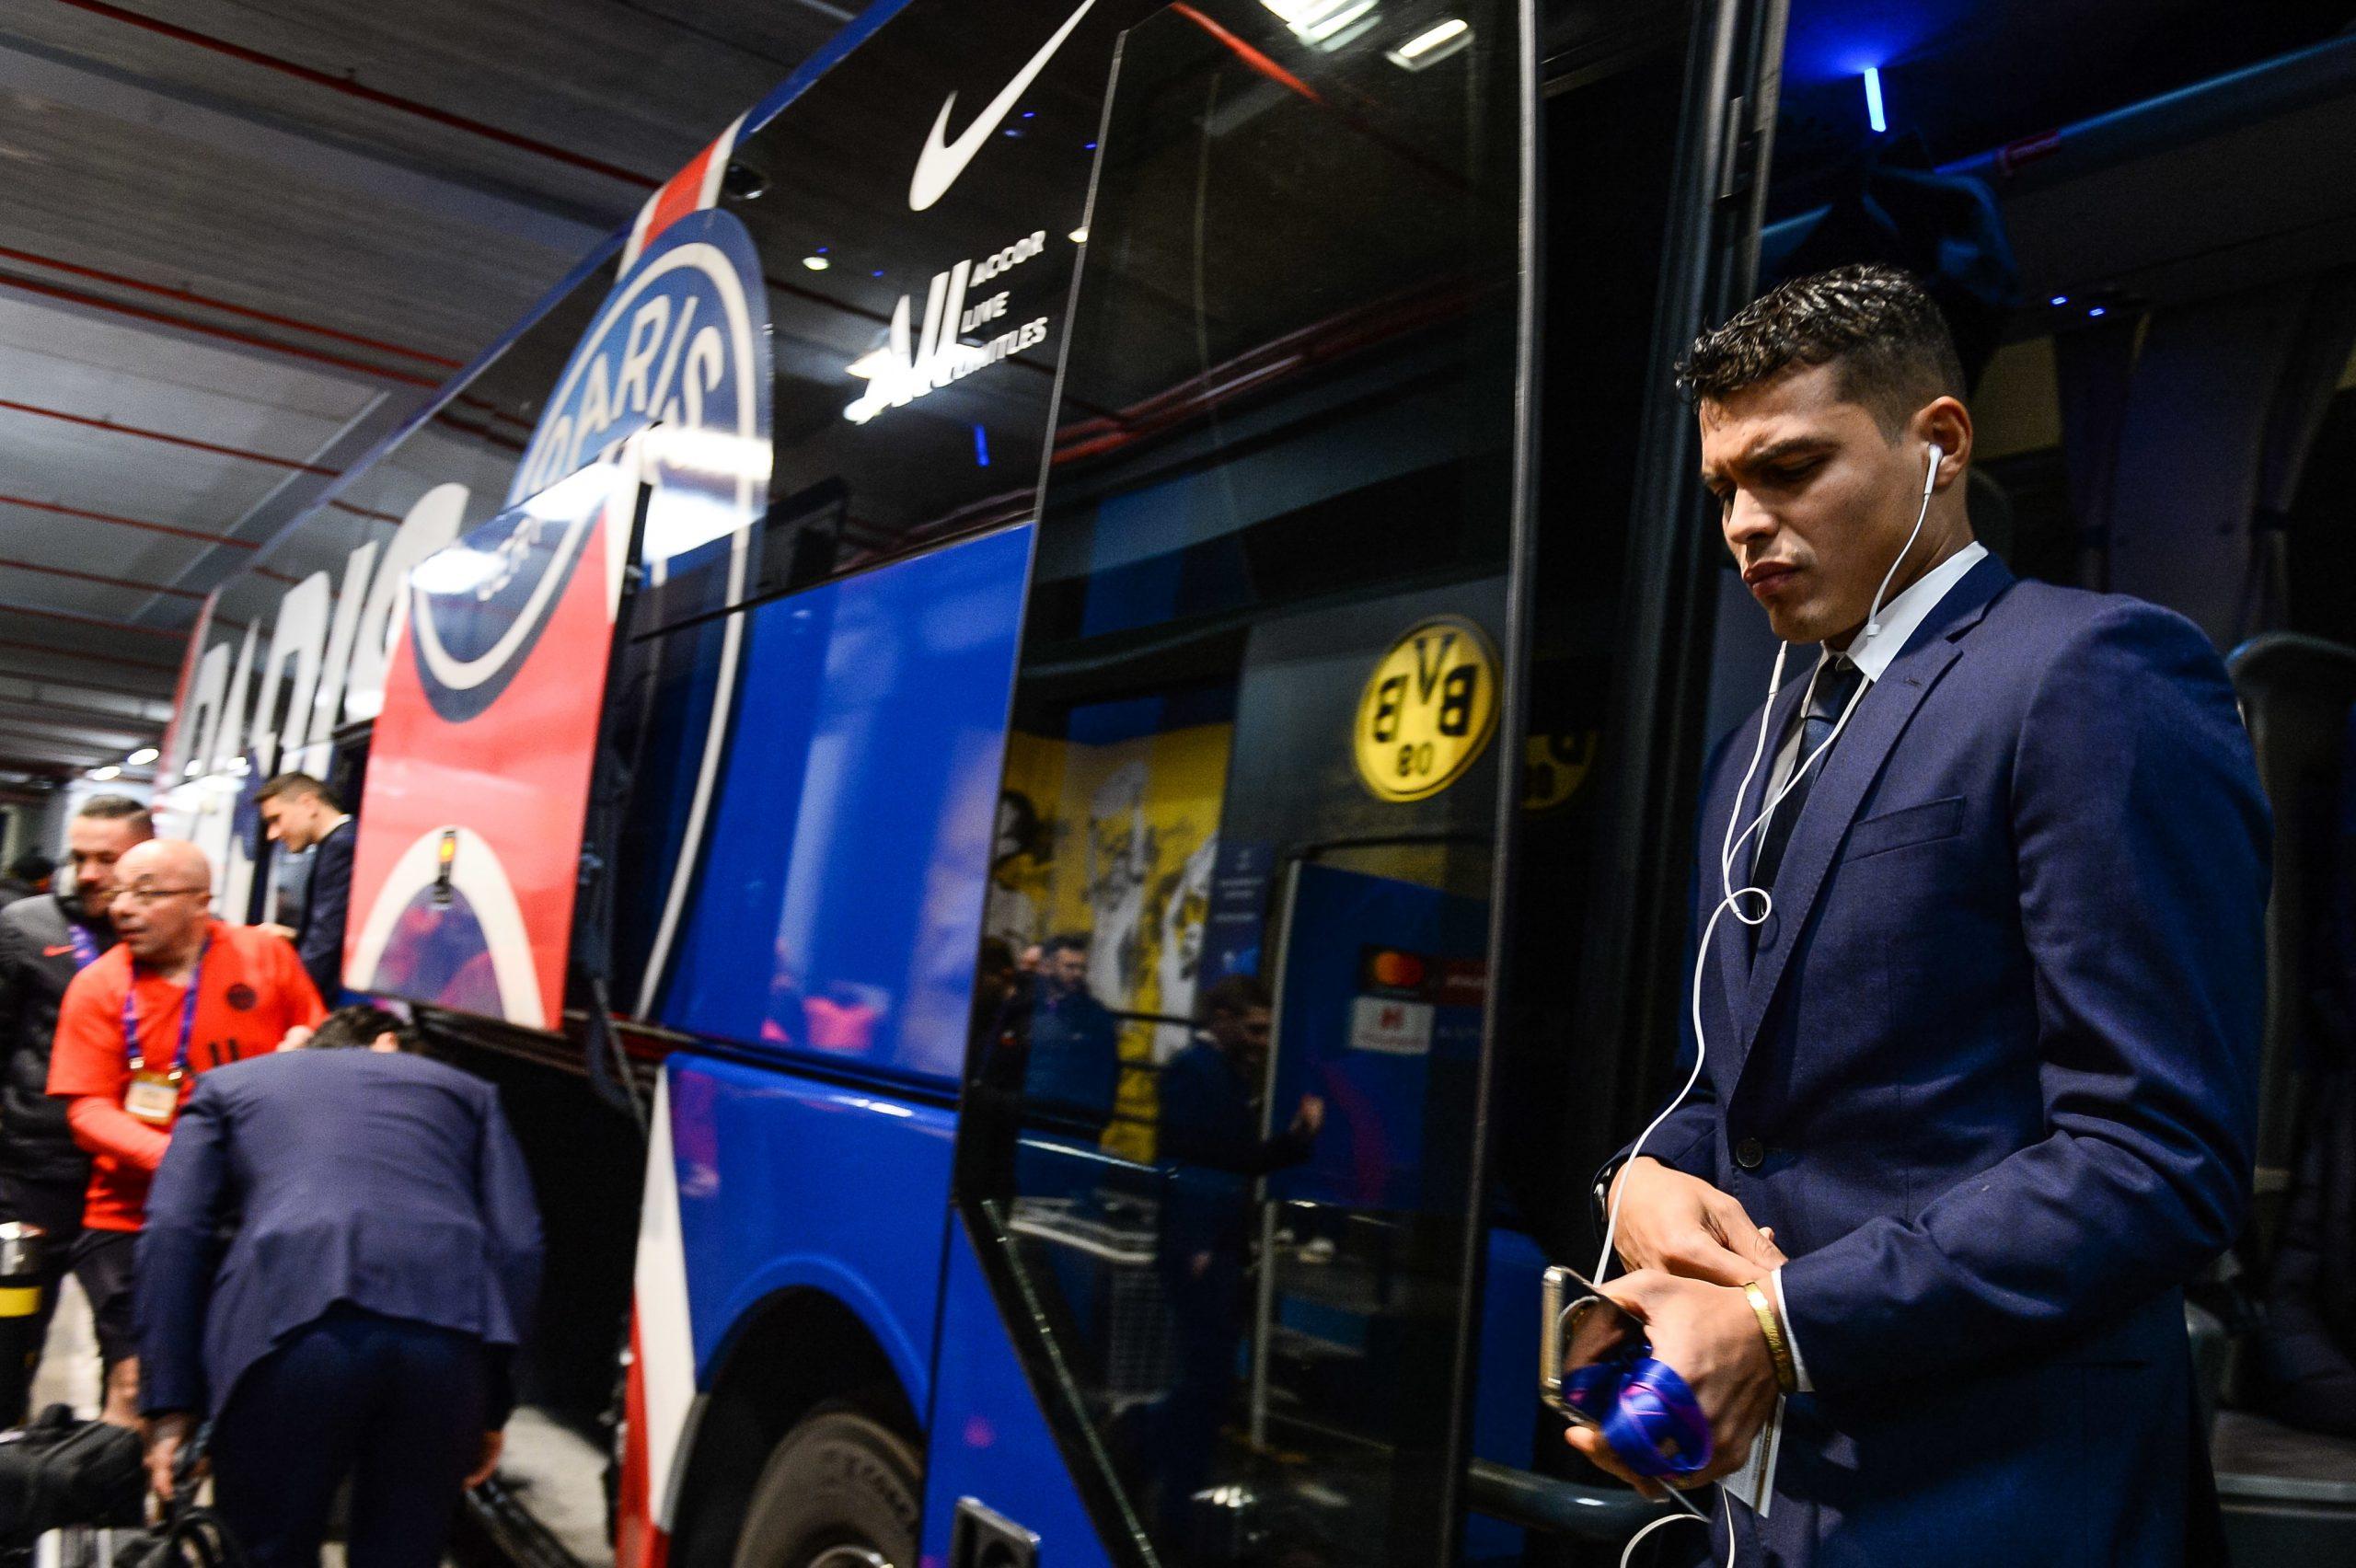 Thiago Silva se dirige vers un départ du PSG malgré son envie de rester, explique Pagliari